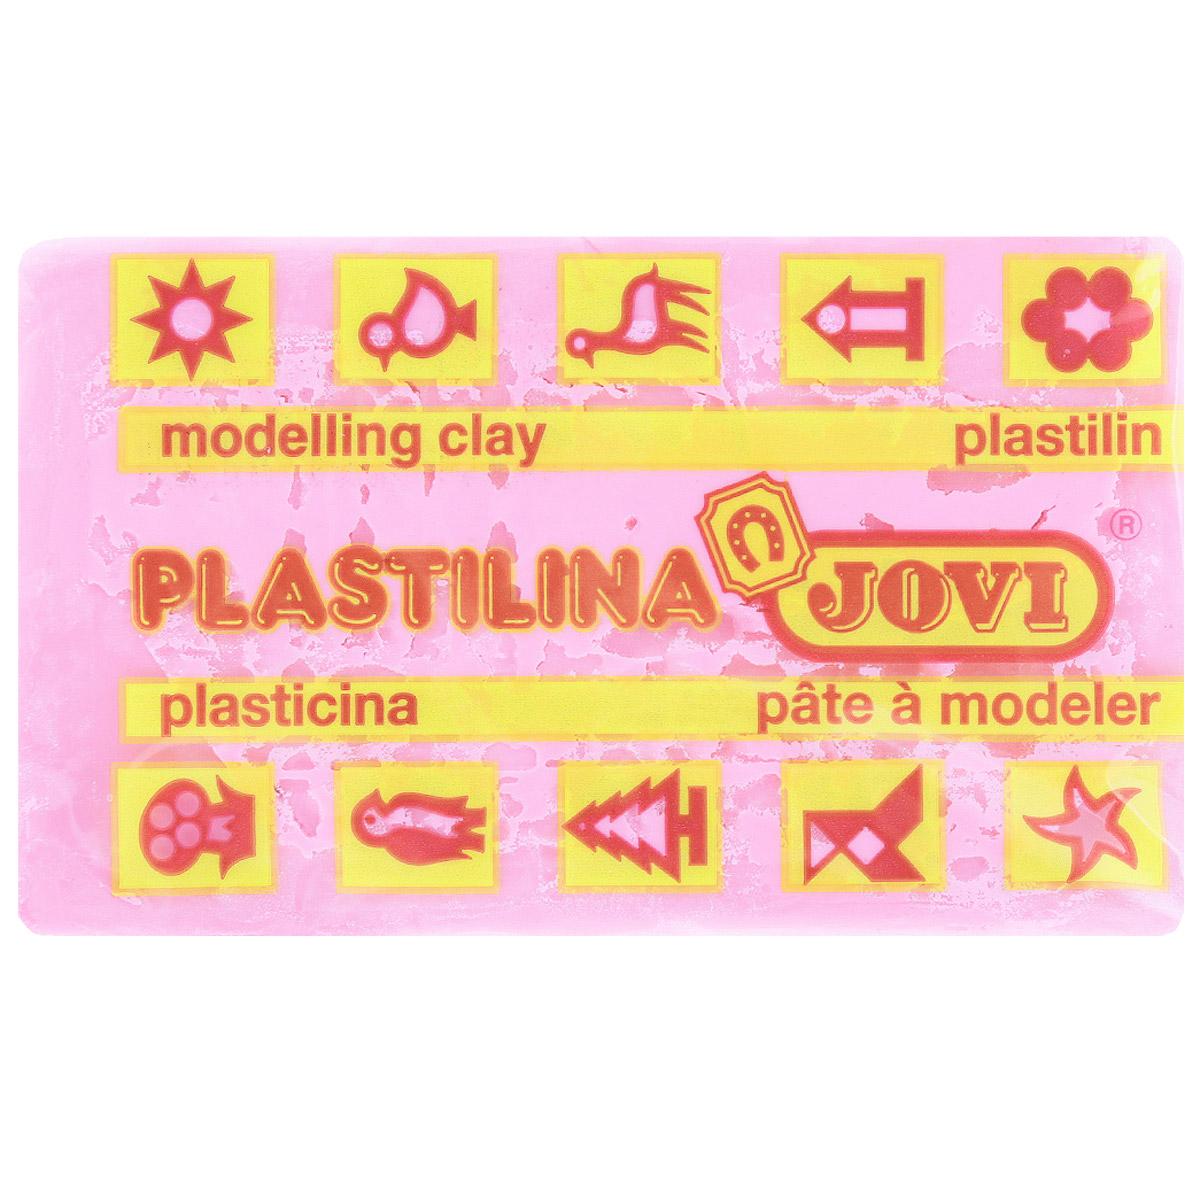 Jovi Пластилин флюоресцентный цвет ярко-розовый 50 г70F-U_розовыйПластилин Jovi - лучший выбор для лепки, он обладает превосходными изобразительными возможностями и поэтому дает простор воображению и самым смелым творческим замыслам. Пластилин, изготовленный на растительной основе, очень мягкий, легко разминается и смешивается, не пачкает руки и не прилипает к рабочей поверхности. Пластилин пригоден для создания аппликаций и поделок, ручной лепки, моделирования на каркасе, пластилиновой живописи - рисовании пластилином по бумаге, картону, дереву или текстилю. Пластические свойства сохраняются в течение 5 лет.